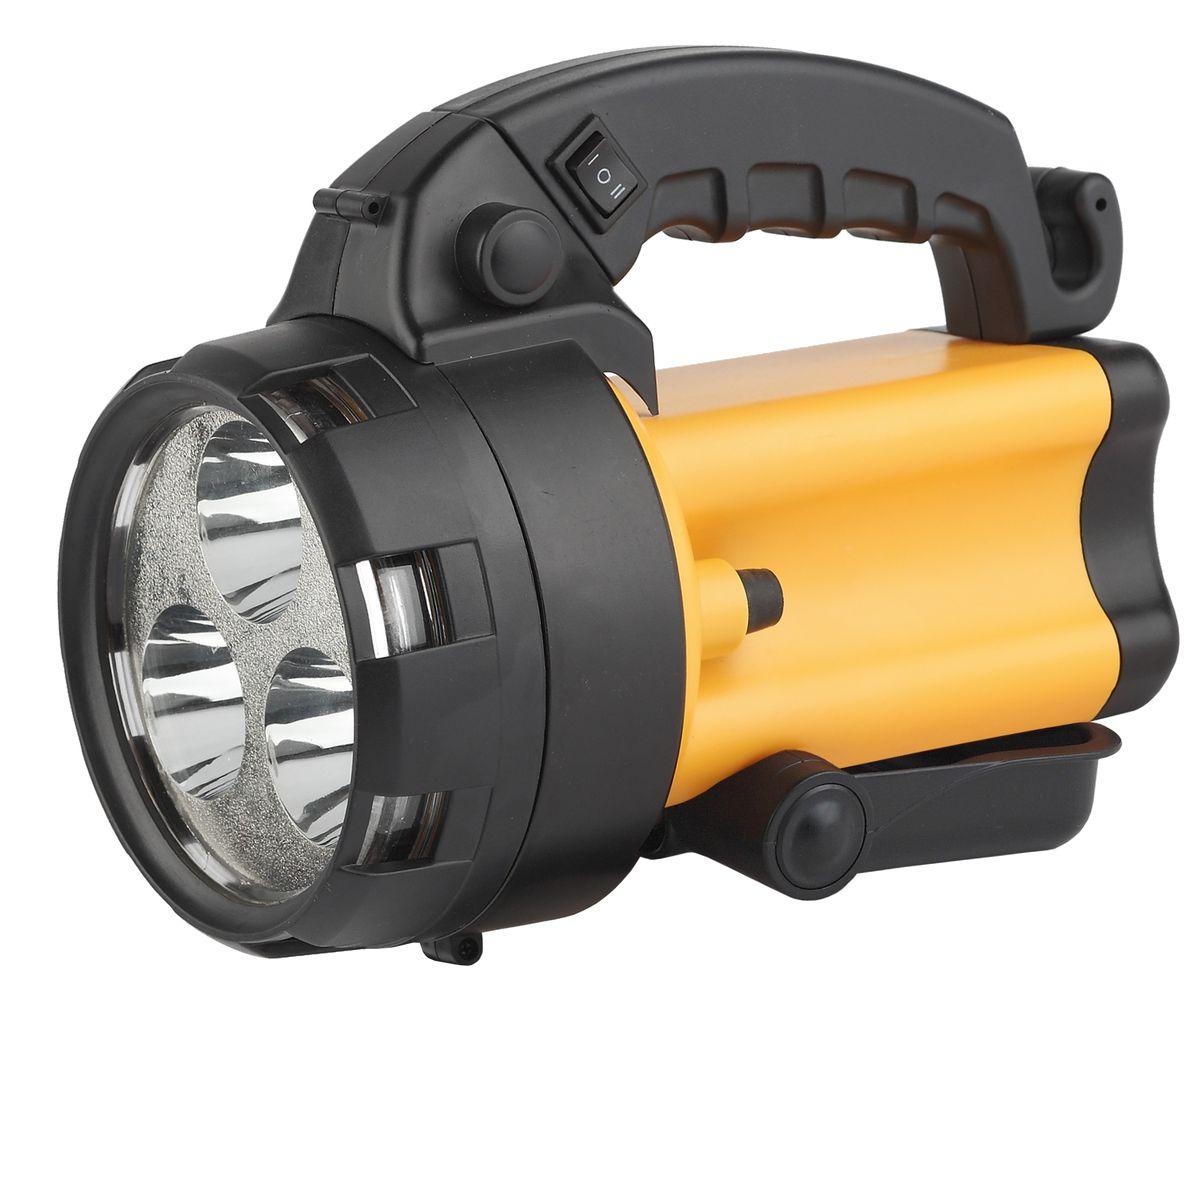 Фонарь ручной Эра, 3 x 1 Вт LED SMD, аккумулятор 4В 4,5Ач, ЗУ 220V+12VFA3WАккумуляторный светодиодный прожектор Эра:3 x 1 Вт белые светодиоды (два режима работы 50% и 100% яркости)Сигнальный красный светильник в задней части фонаряАккумулятор 4V 4,5Ah (AC3, DT4045)Подзарядка от сети 220 Вольт и бортовой сети автомобиля 12 ВольтРемень для переноски на плече.